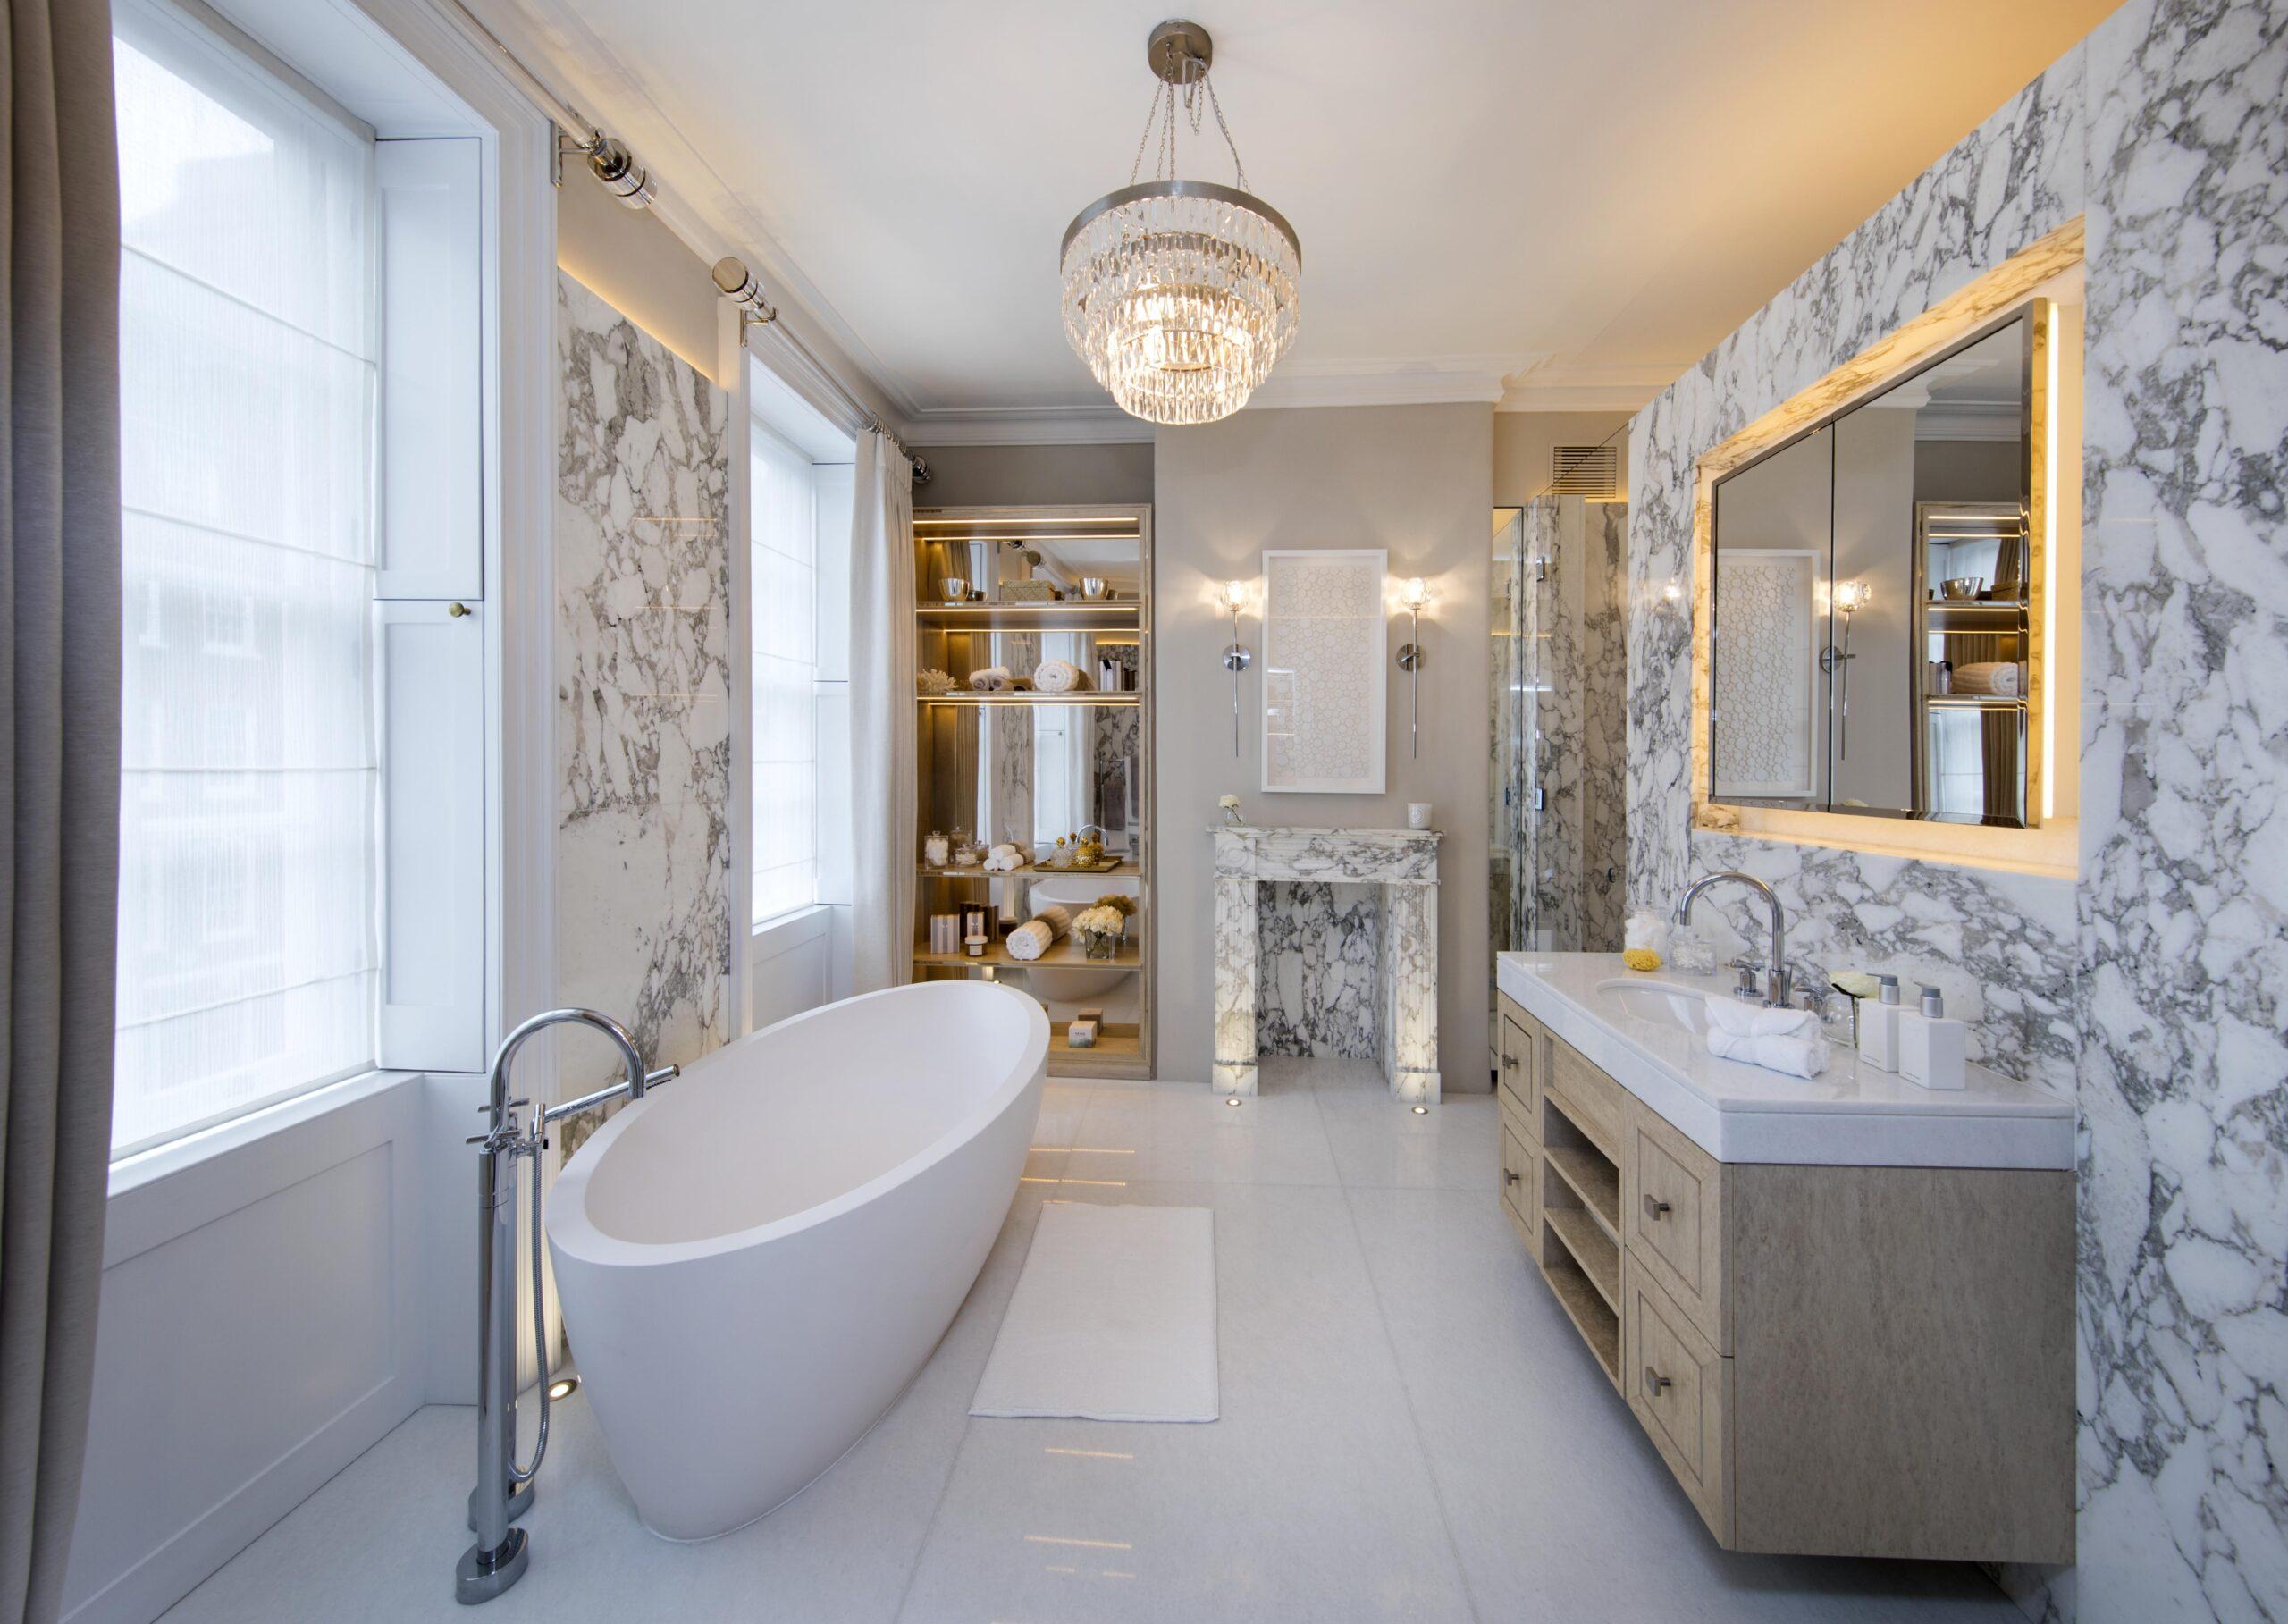 Smart lighting and AV install in luxury bathroom in London